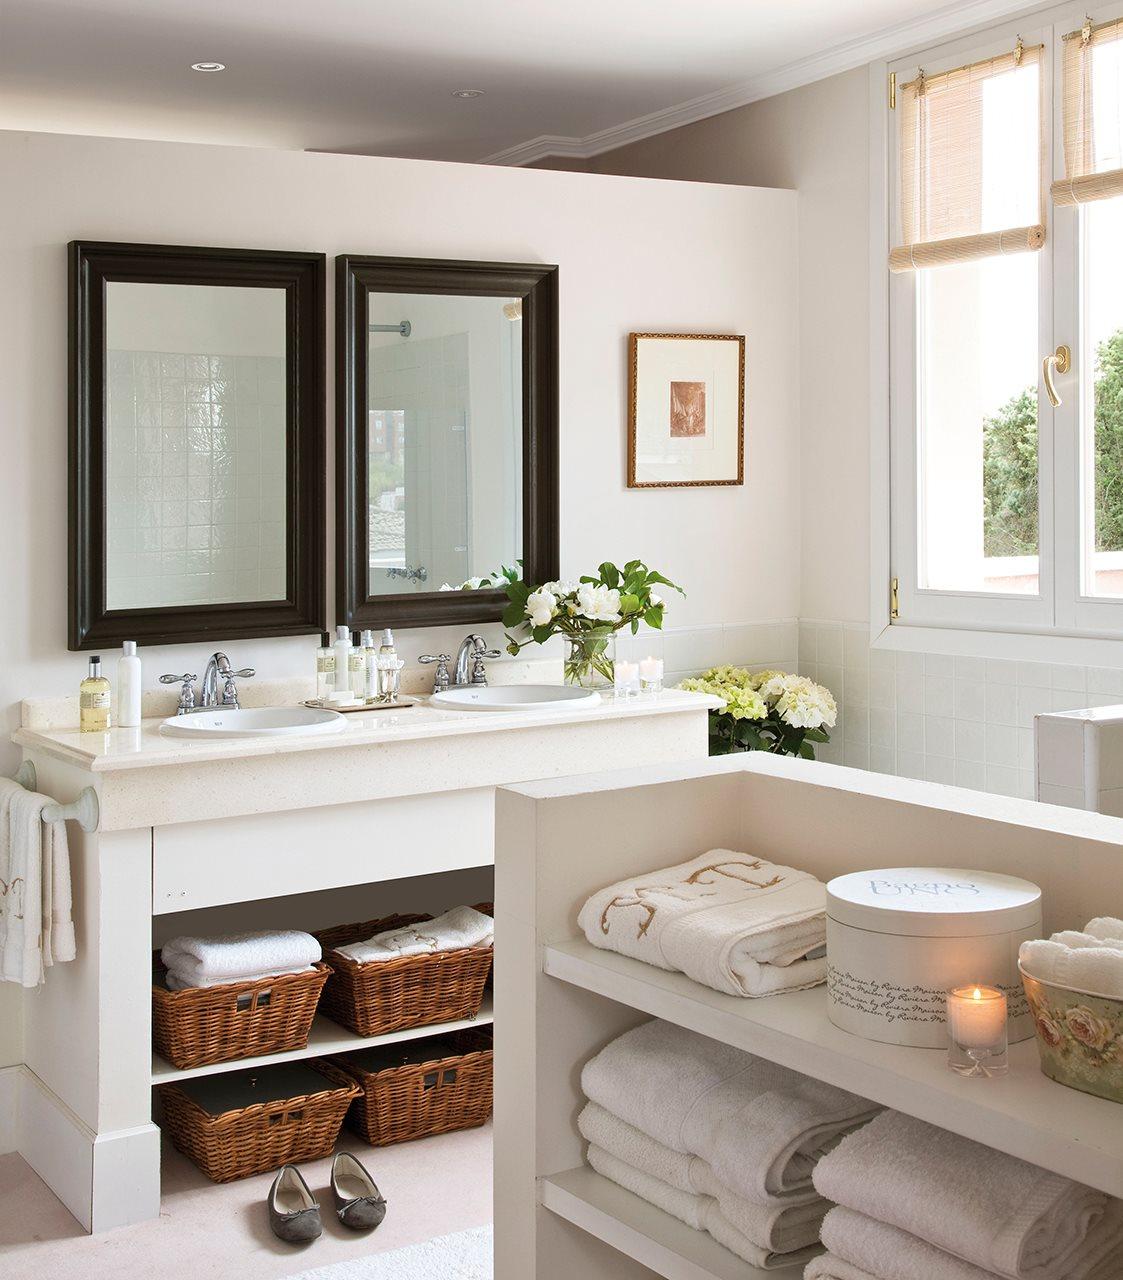 Mira que idea más original para guardar cosas en un baño